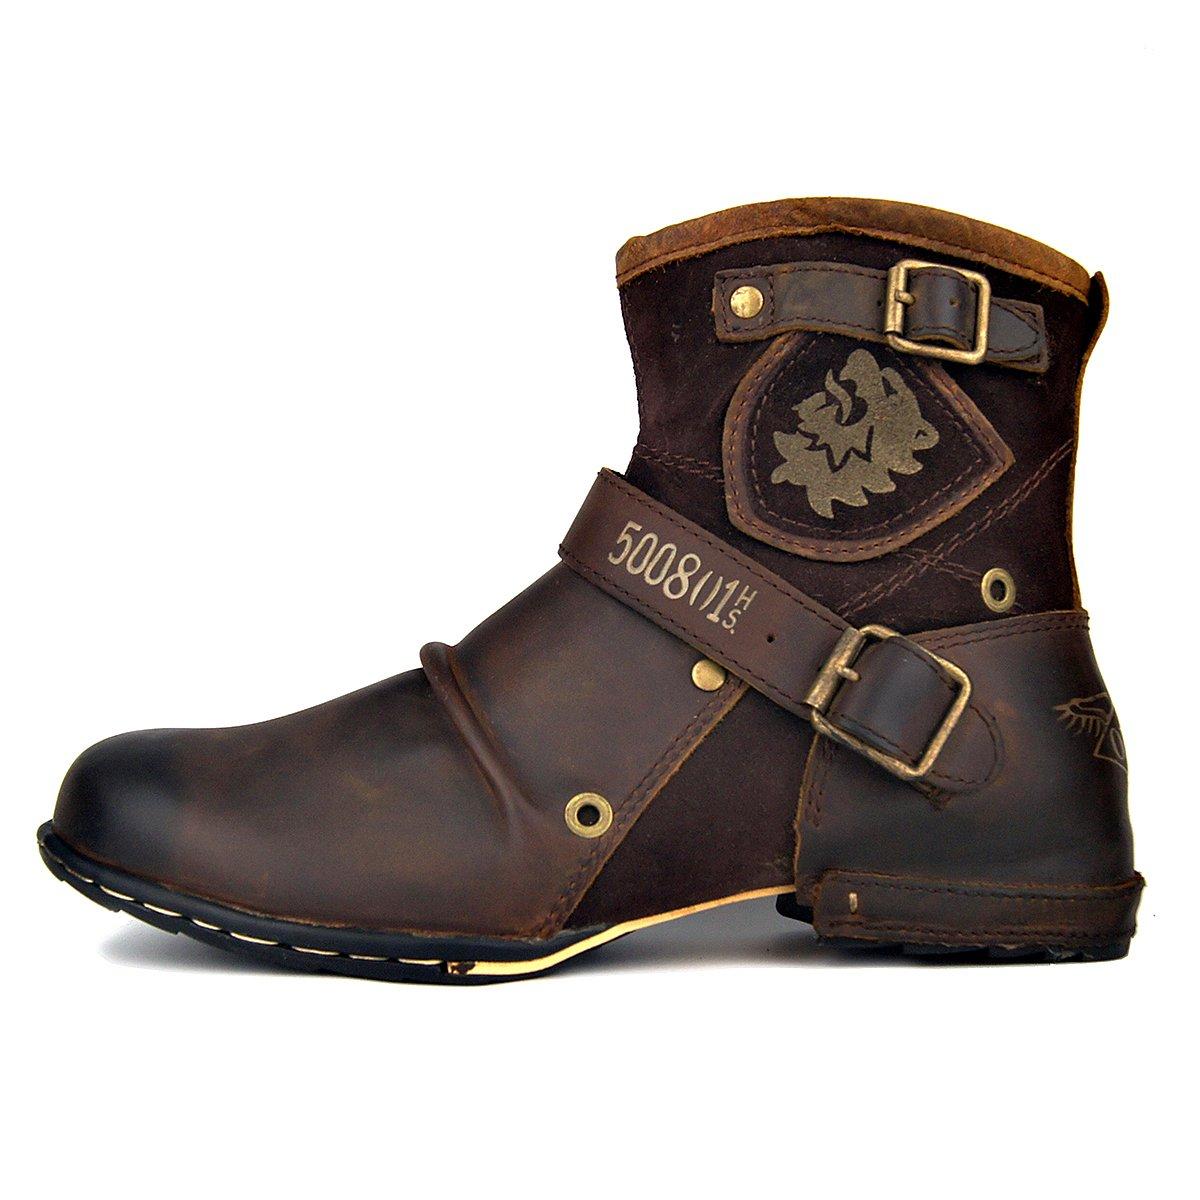 OTTO ZONE Herren Worker Boots | Schnürstiefeletten Leder Optik | Blockabsatz Profilsohle | Schnürer Schuhe Schnallen | Schnürboots |OZ-5008-1 Braunes Fell